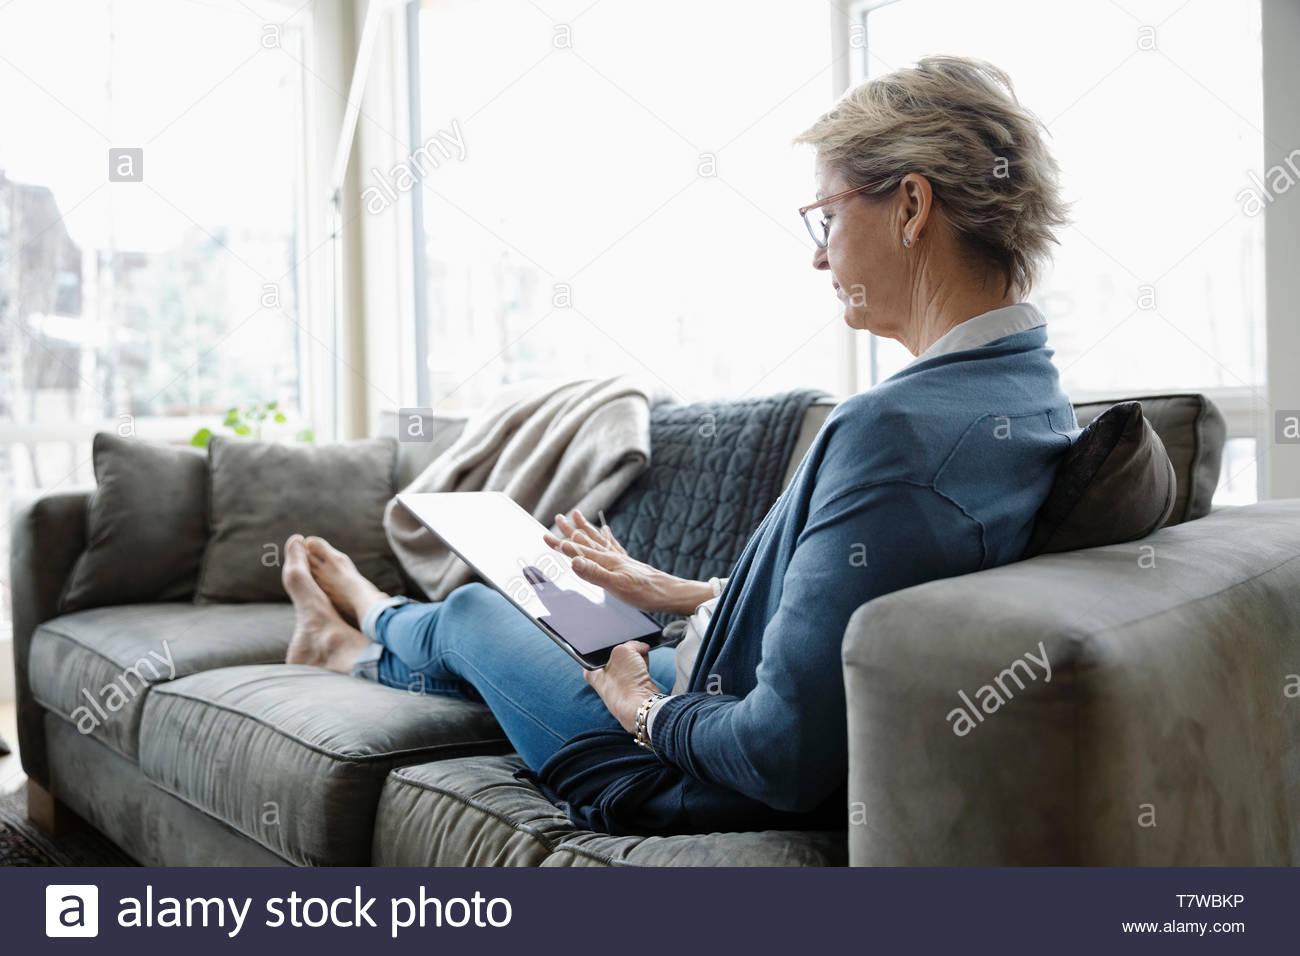 Mature Woman using digital tablet sur salon canapé Photo Stock